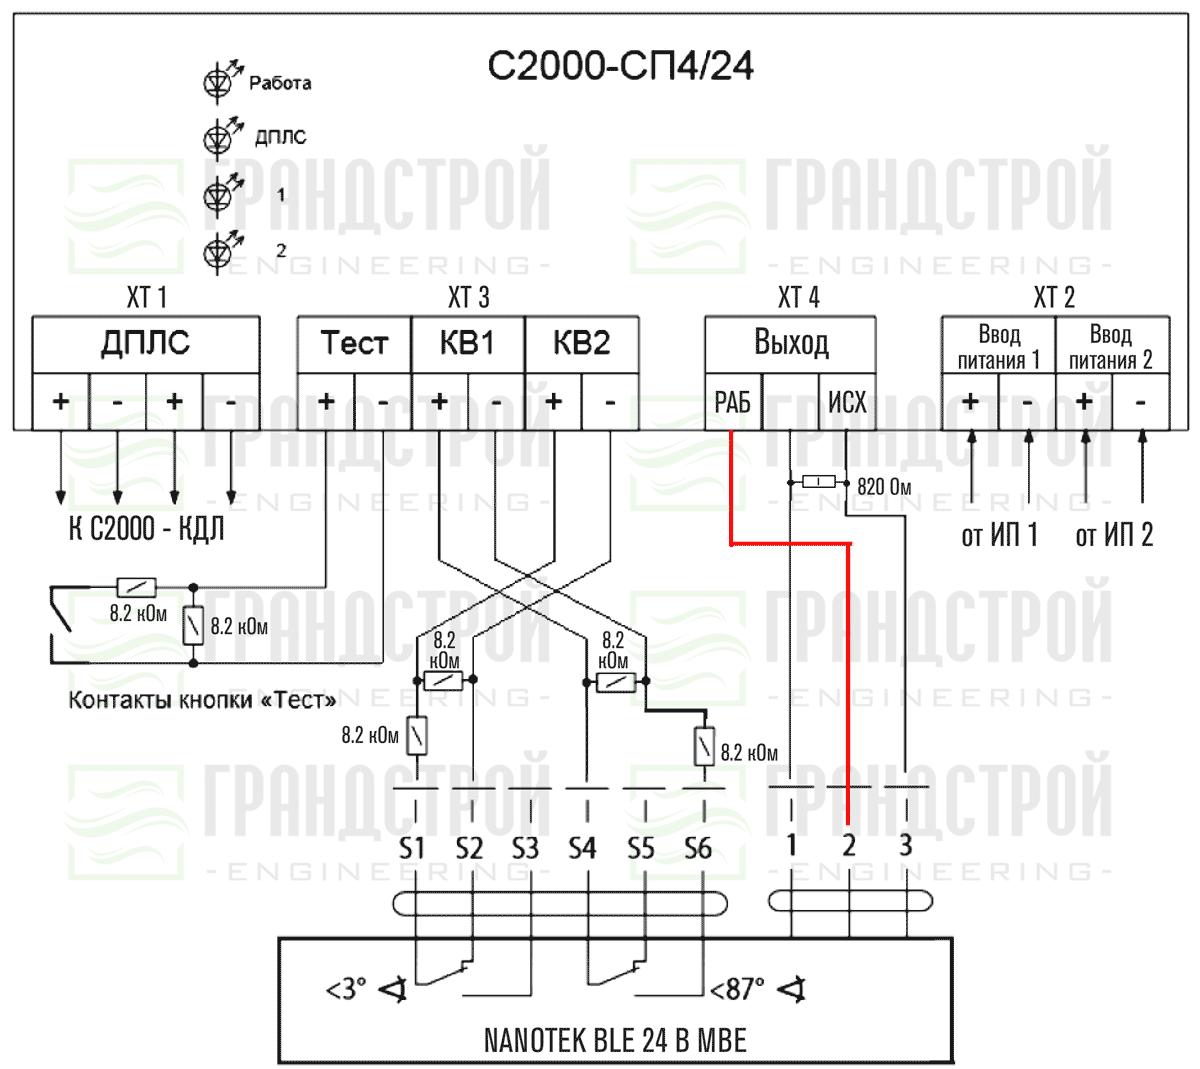 Схема подключения Nanotek BLE 24 B MBE к блоку управления Bolid С2000-СП4/24